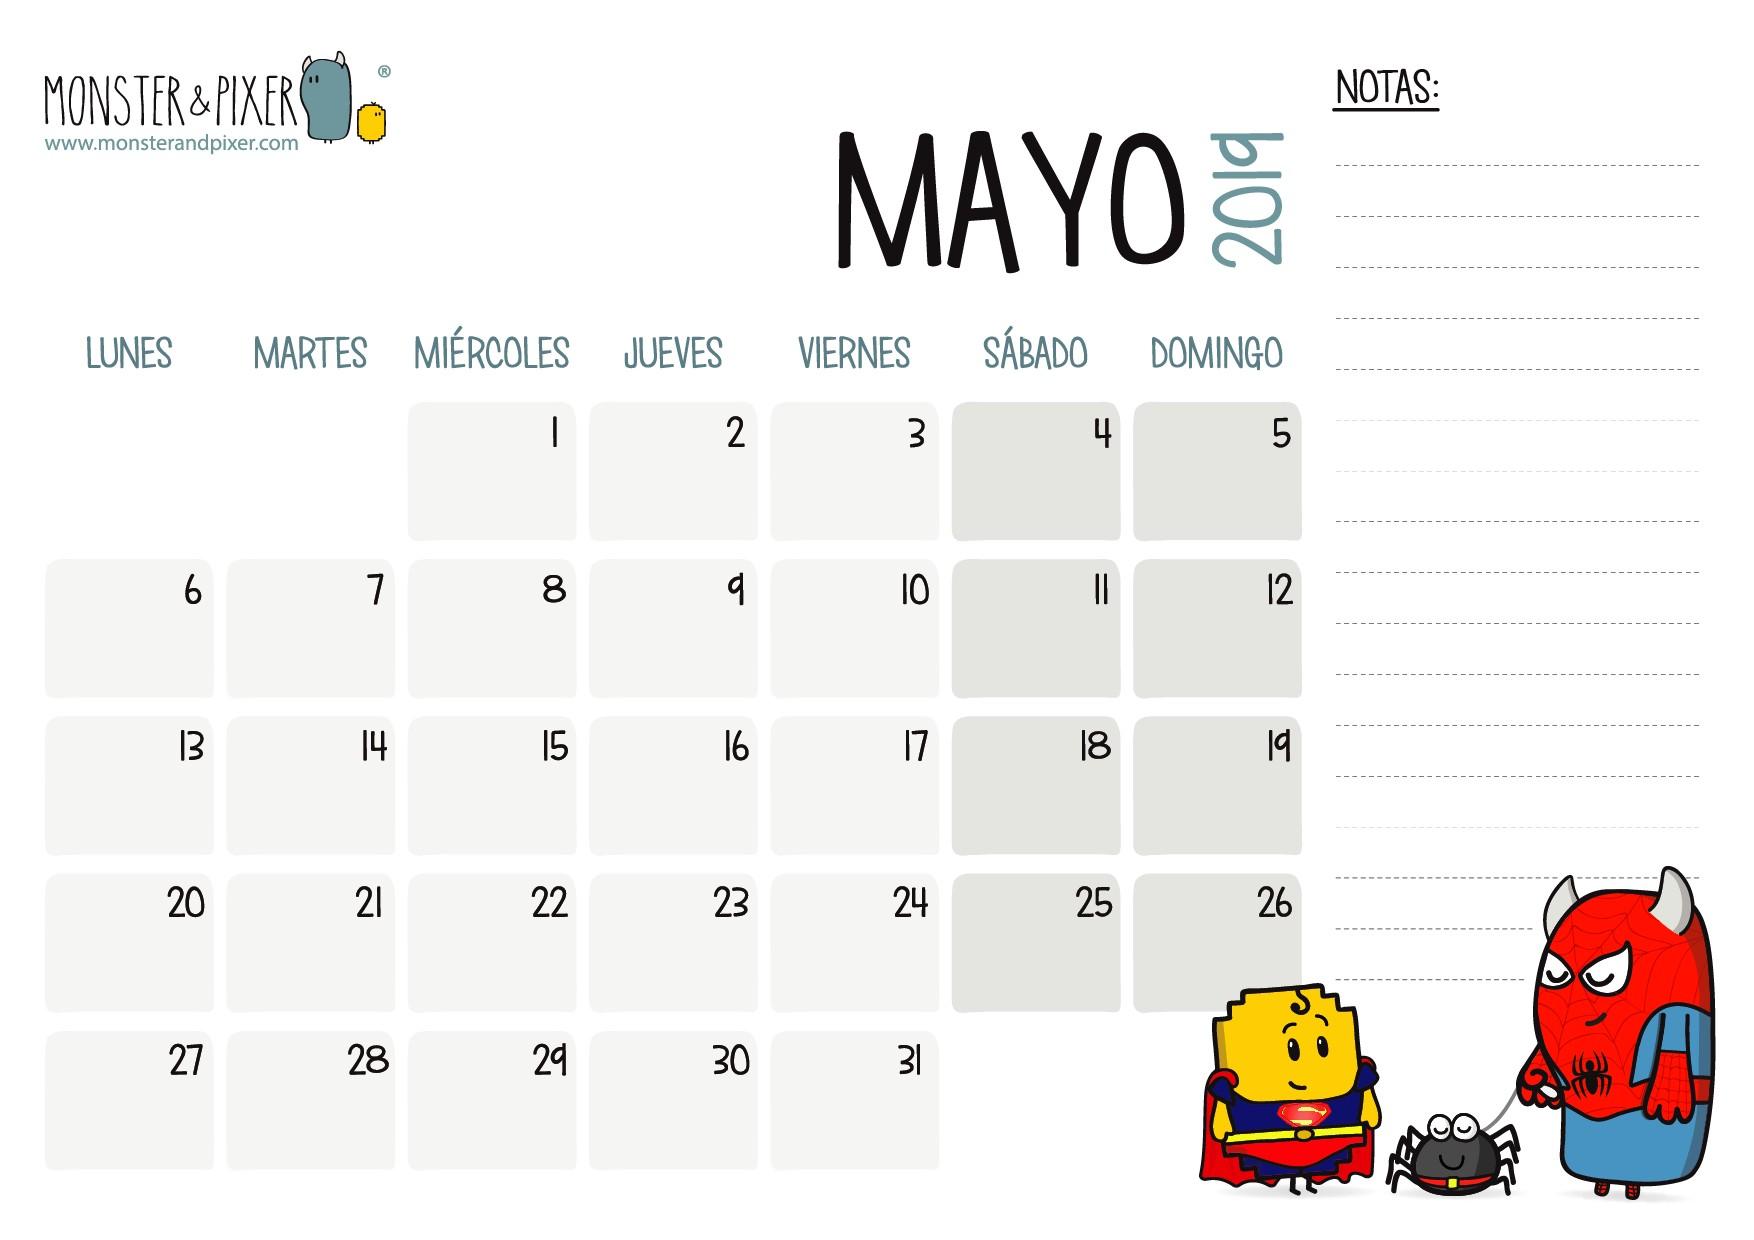 Calendario Febrero 2020 Venezuela Actual Calendario Mayo2019 Of Calendario Febrero 2020 Venezuela Más Caliente Blanco Calendario Diciembre 2019 Enero 2020 30 Calendario